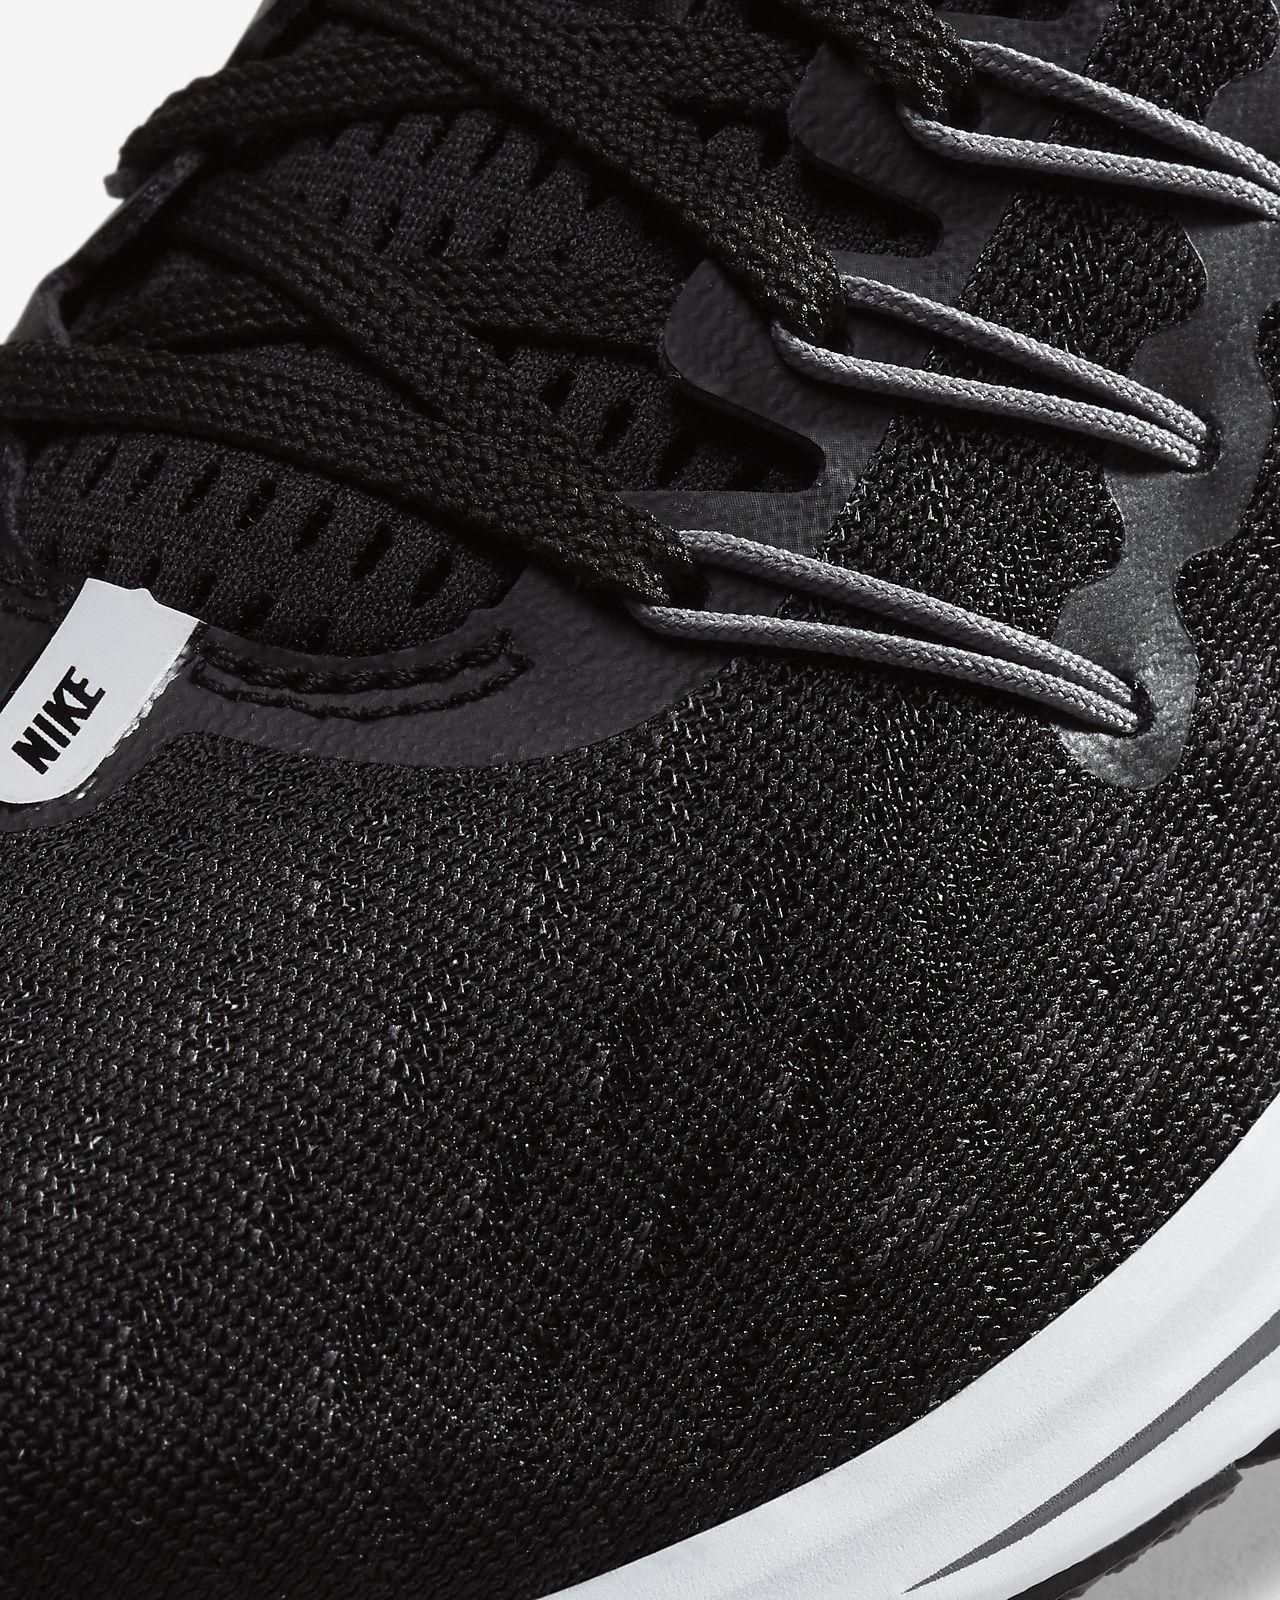 Nike Air Zoom Vomero 14 Zapatillas de running Mujer